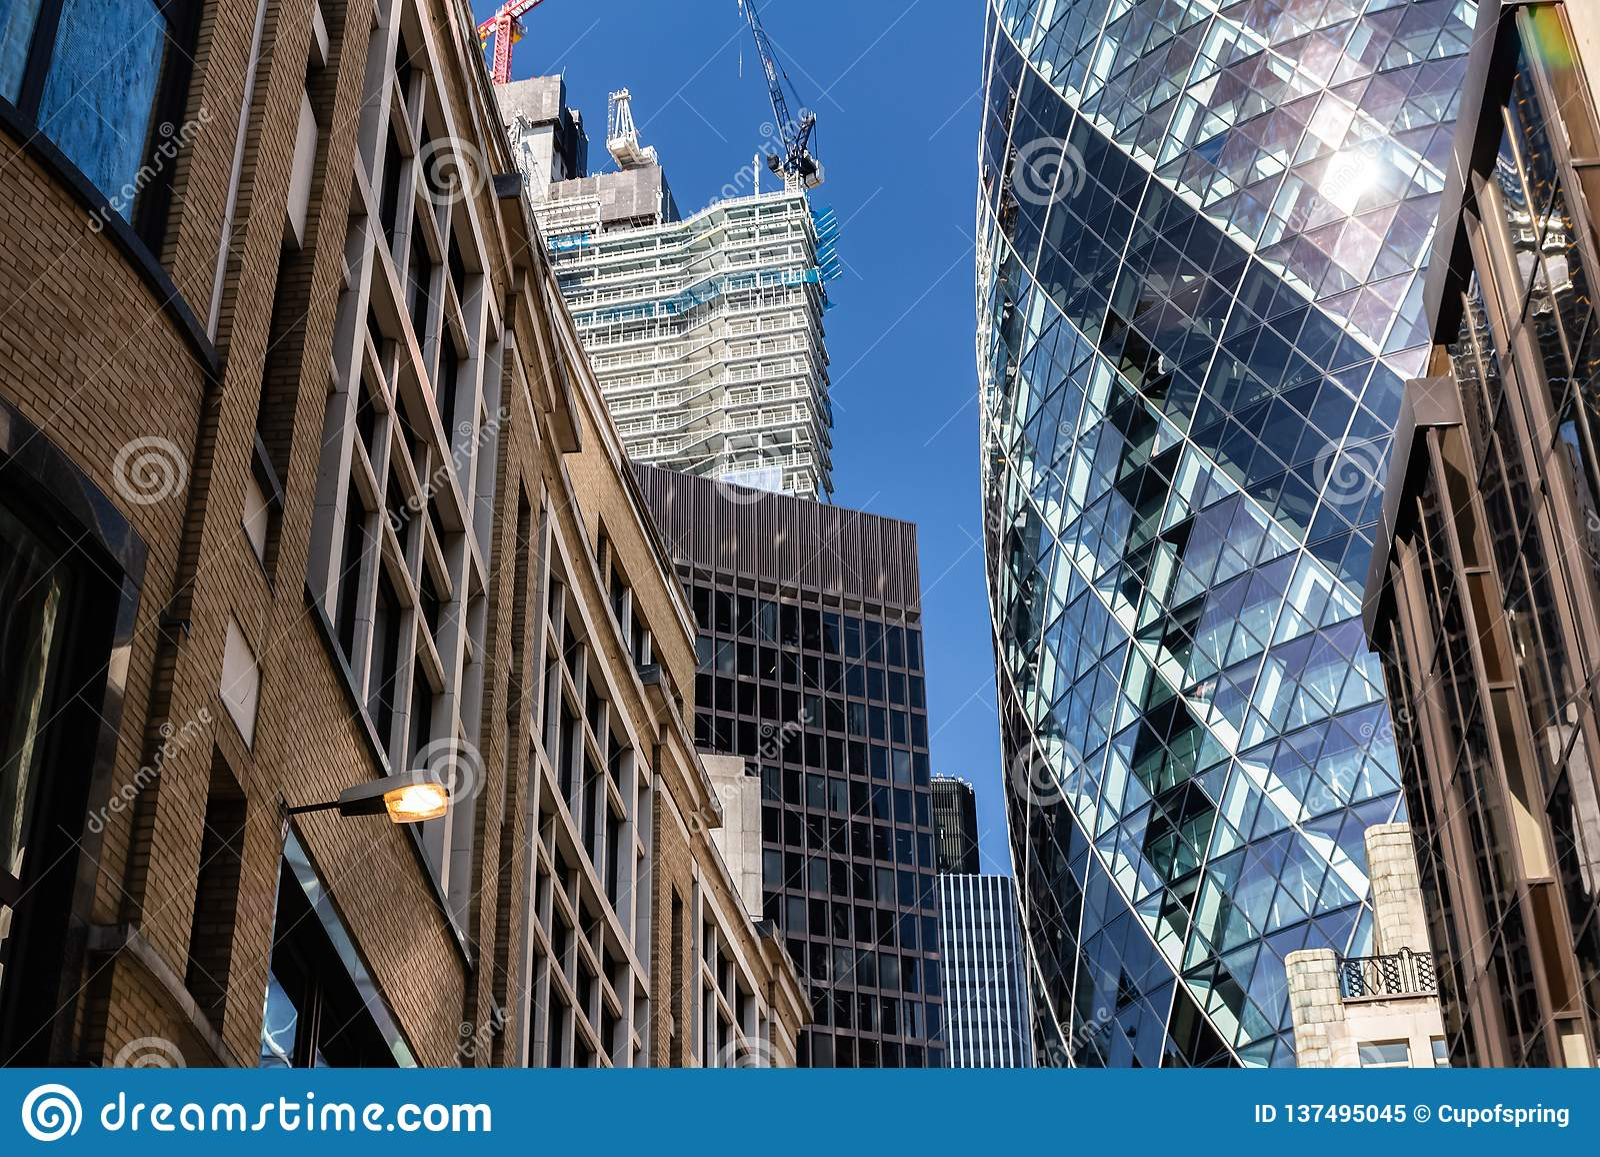 Londres, Reino Unido - 2 de septiembre de 2018: 30 St Mary Axe aka el rascacielos de Gerkin en la ciudad de Londres